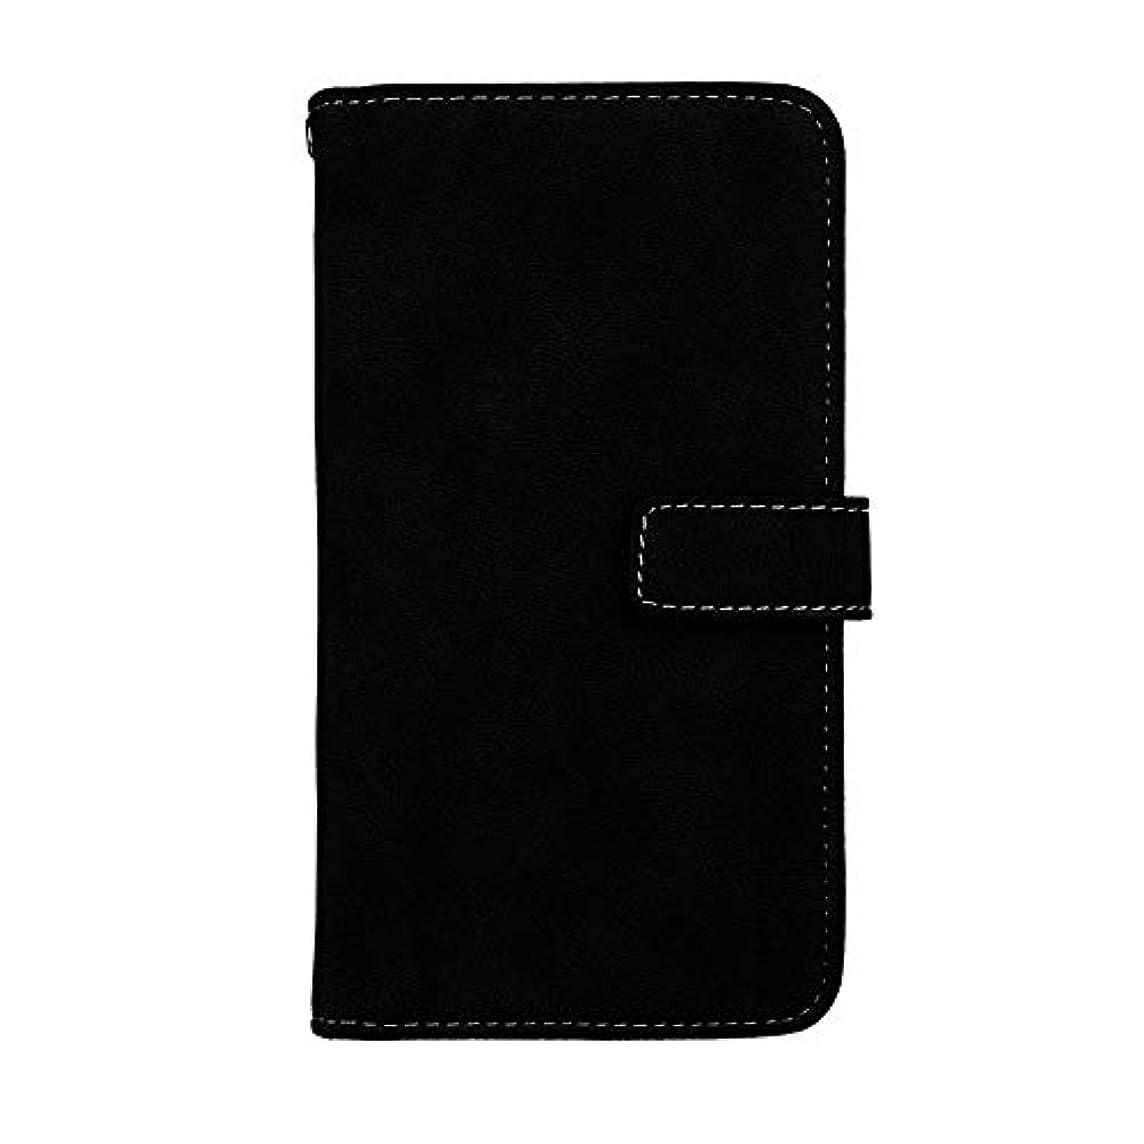 お母さん露出度の高い取るXiaomi Redmi Note 4X 高品質 マグネット ケース, CUNUS 携帯電話 ケース 軽量 柔軟 高品質 耐摩擦 カード収納 カバー Xiaomi Redmi Note 4X 用, ブラック